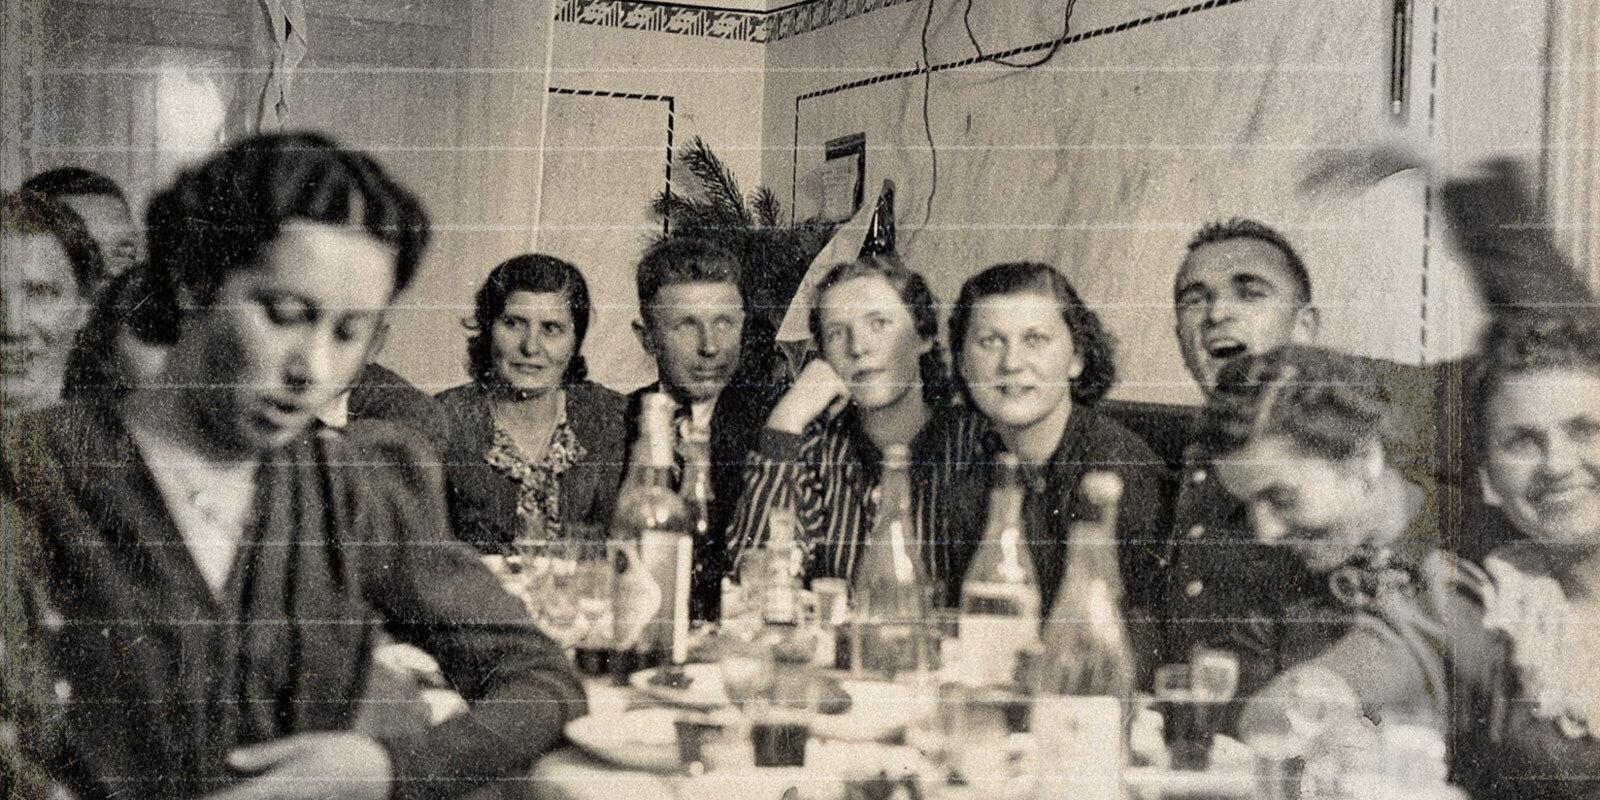 'Meža karaliene' kandža – kā pašdzītais palīdzēja latviešiem izdzīvot 2. pasaules kara laikā